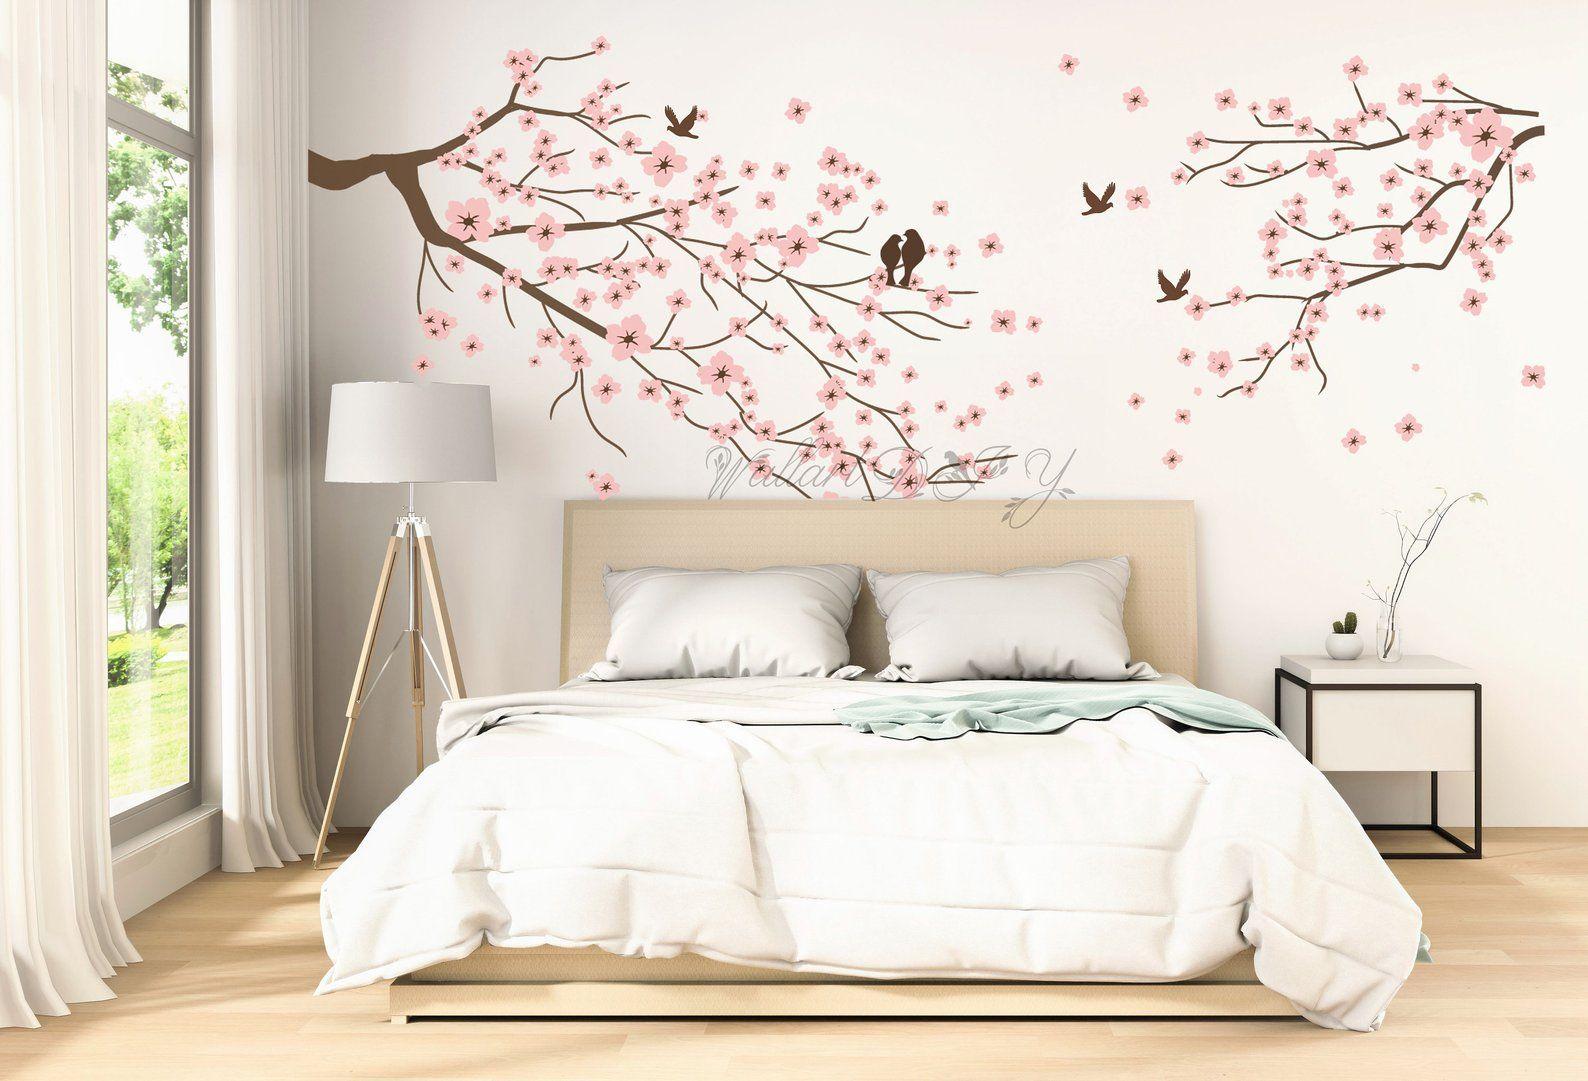 Arredare e decorare con adesivi murali personalizzati